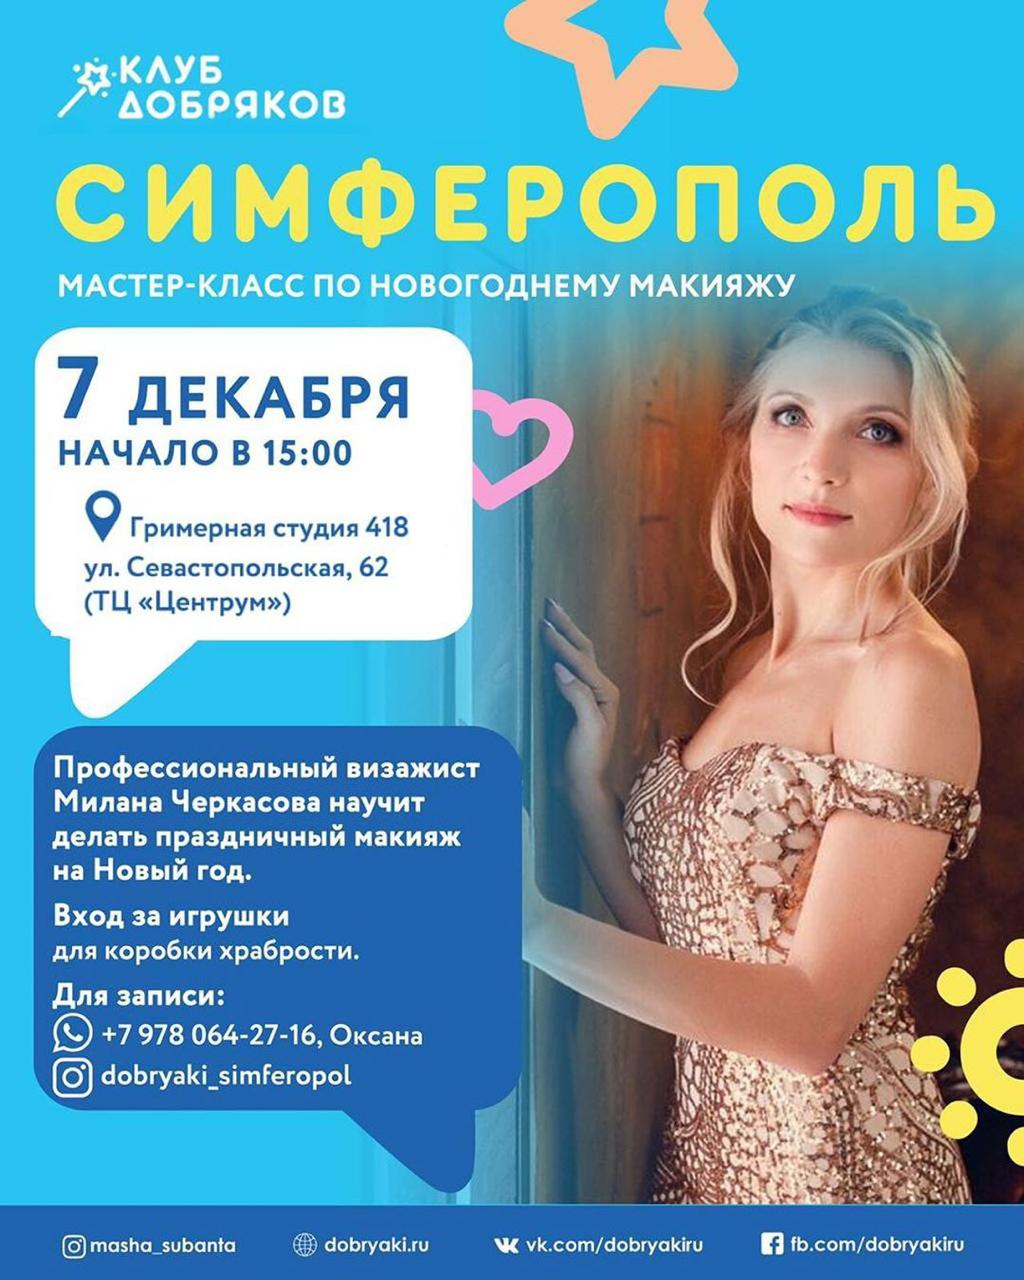 В Симферополе состоится мастер-класс по новогоднему макияжу